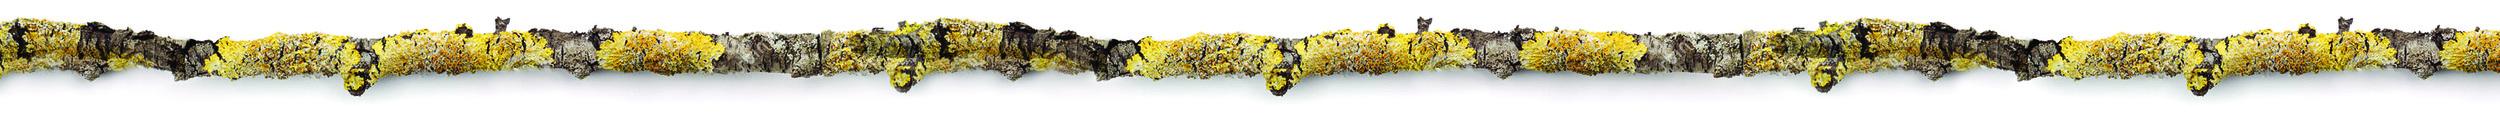 YellowLichenBranch.jpg